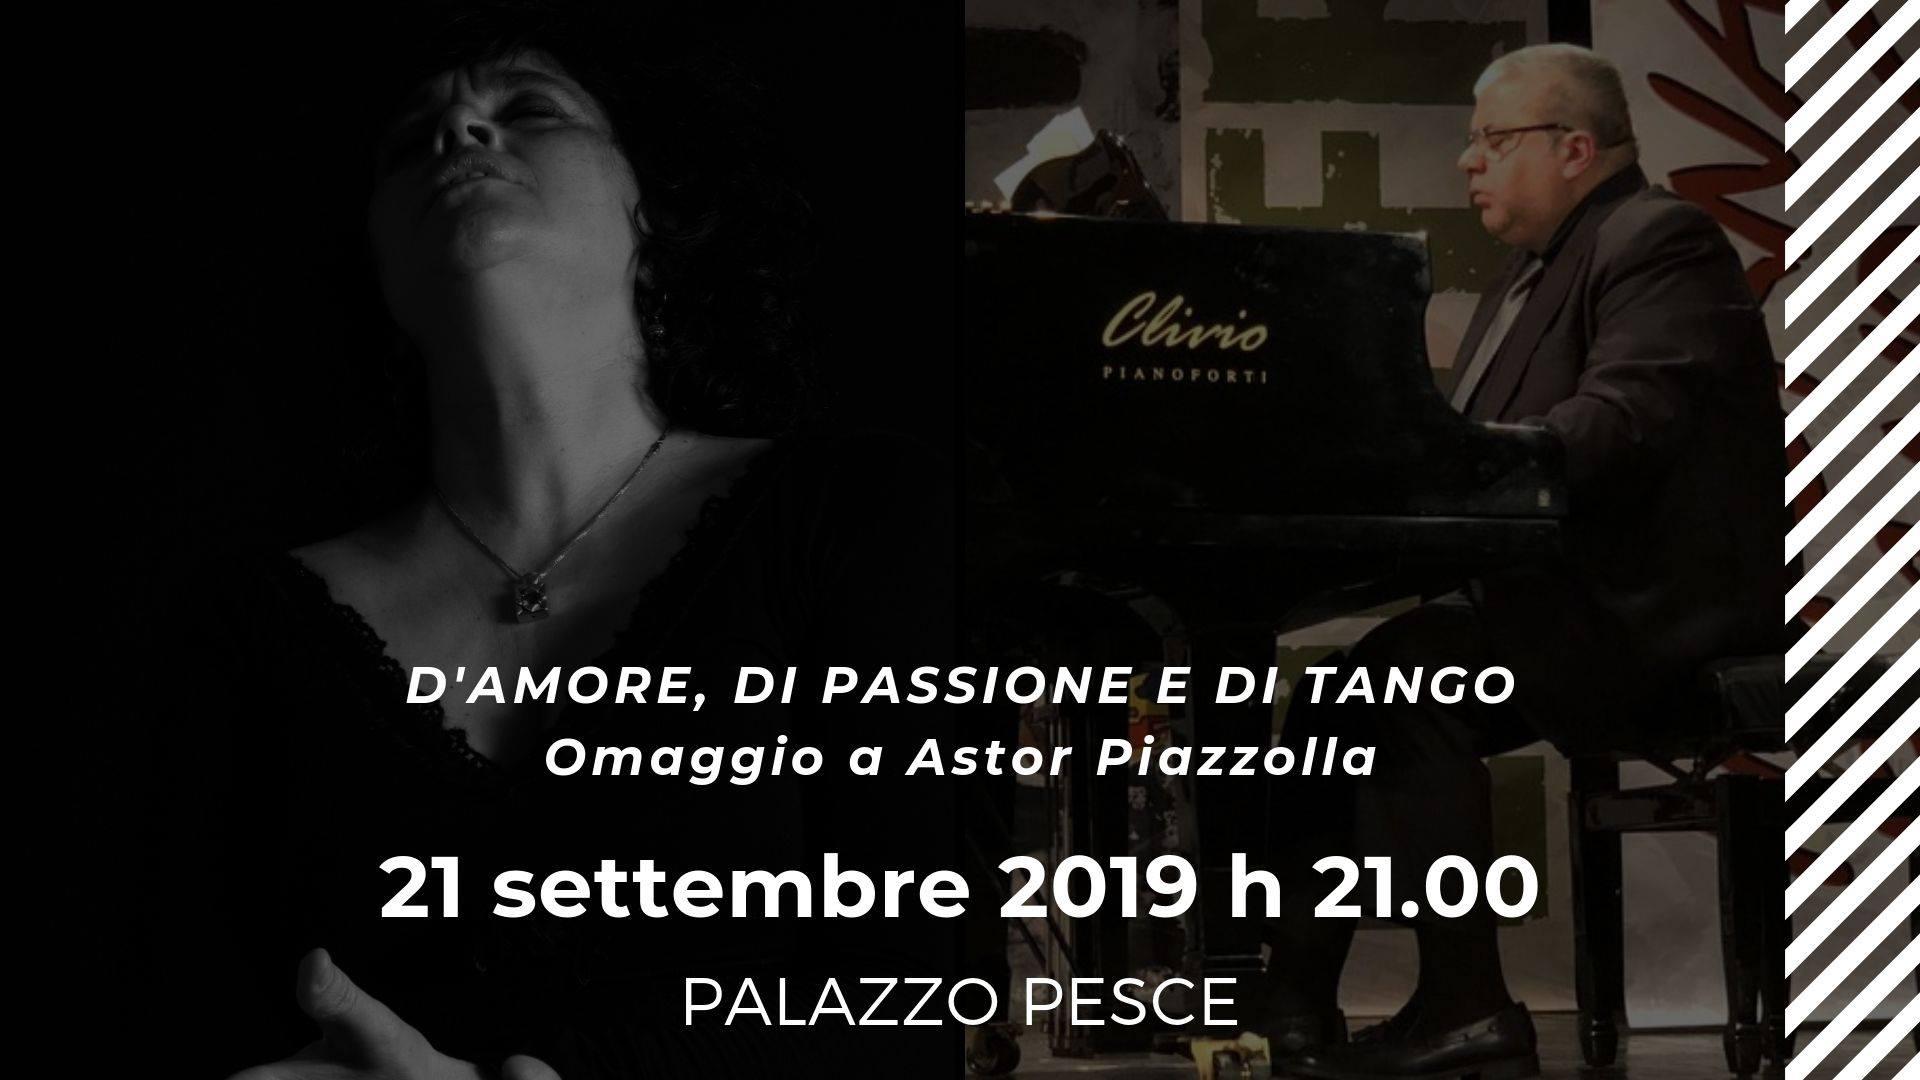 21 settembre 2019 Omaggio a Astor Piazzolla Lisa Manosperti a Palazzo Pesce